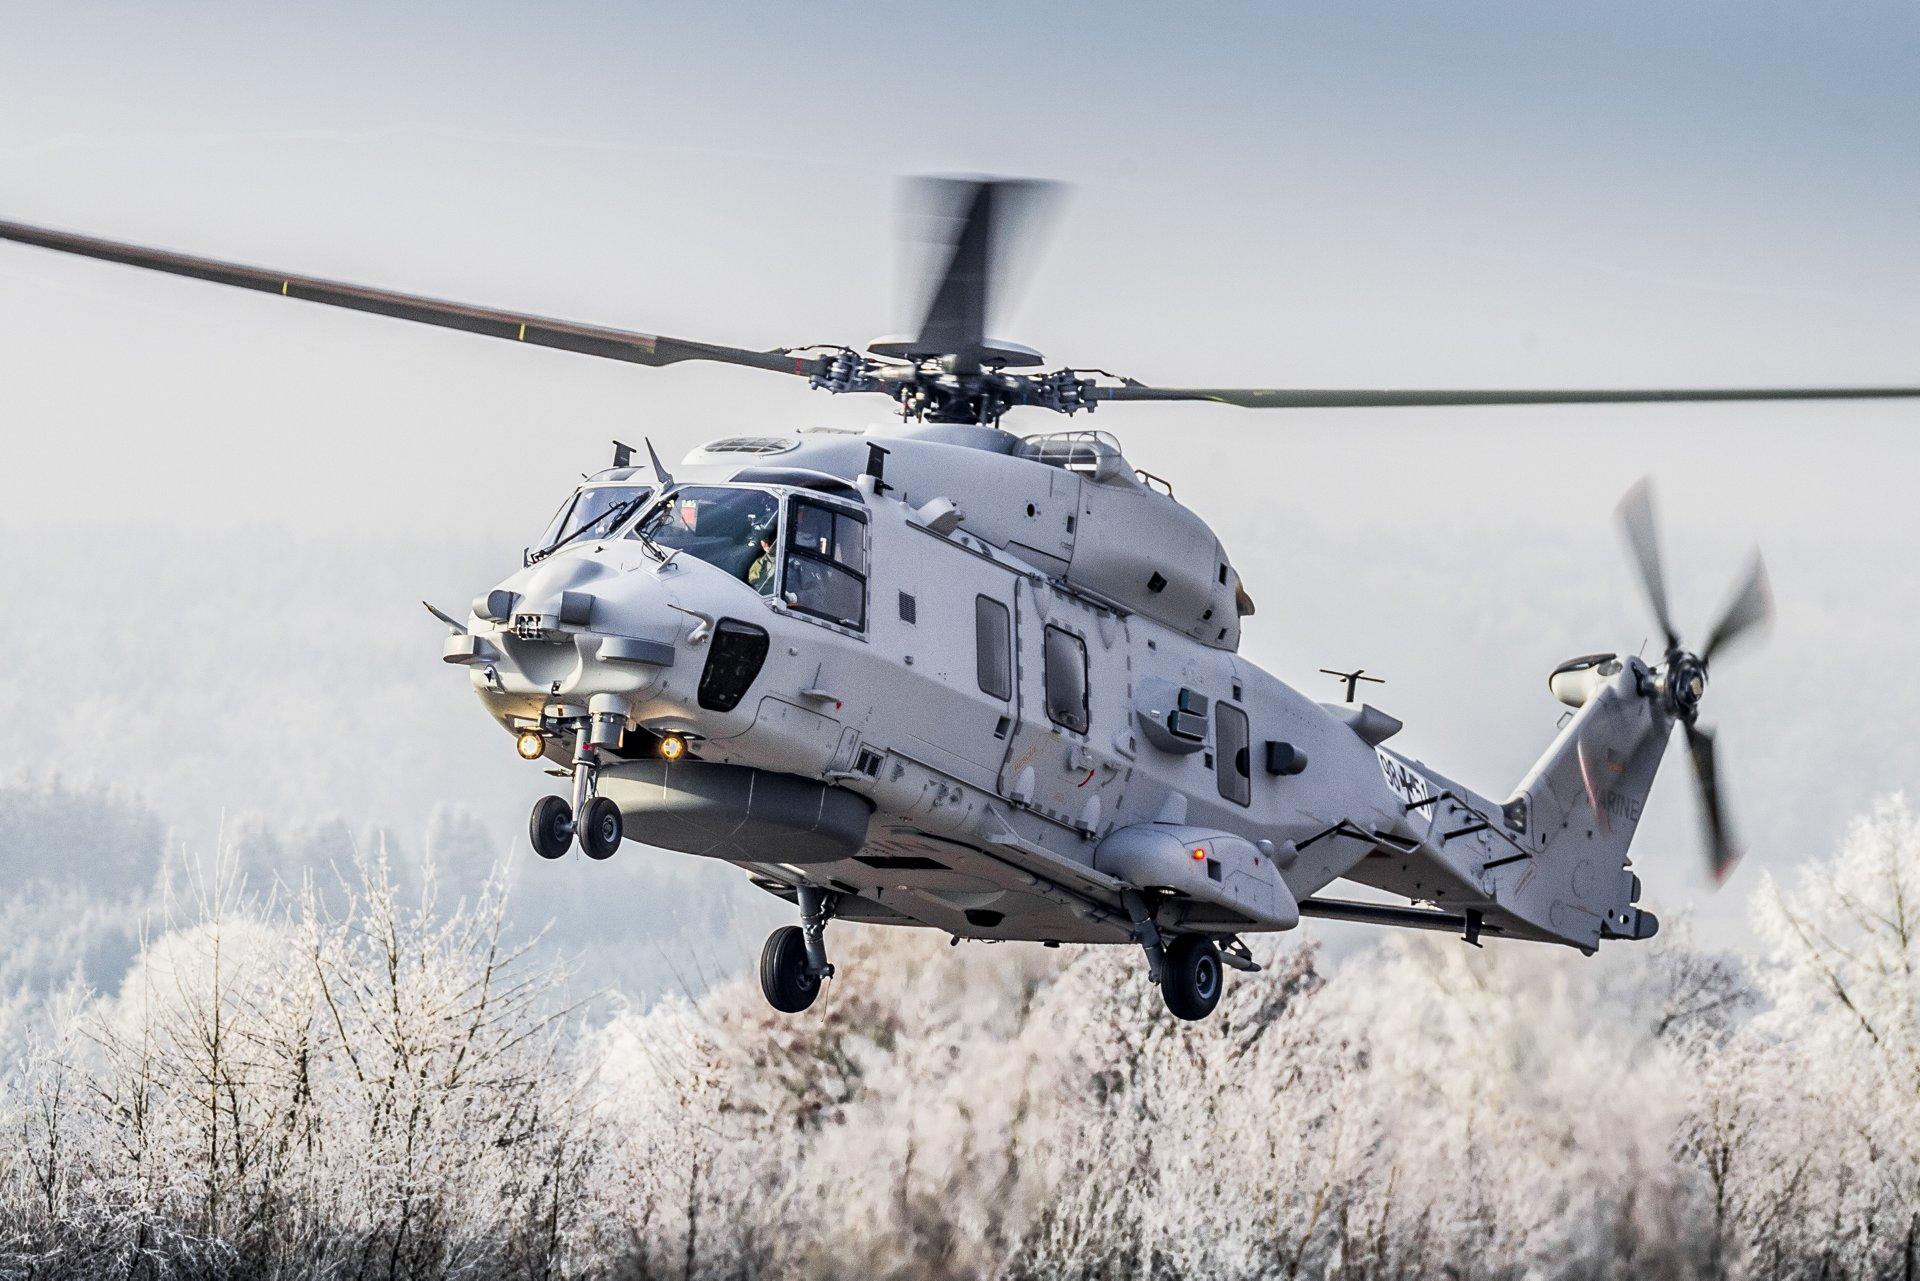 تصاویری از هلیکوپتر NH-90 در حال فلر پراکنی